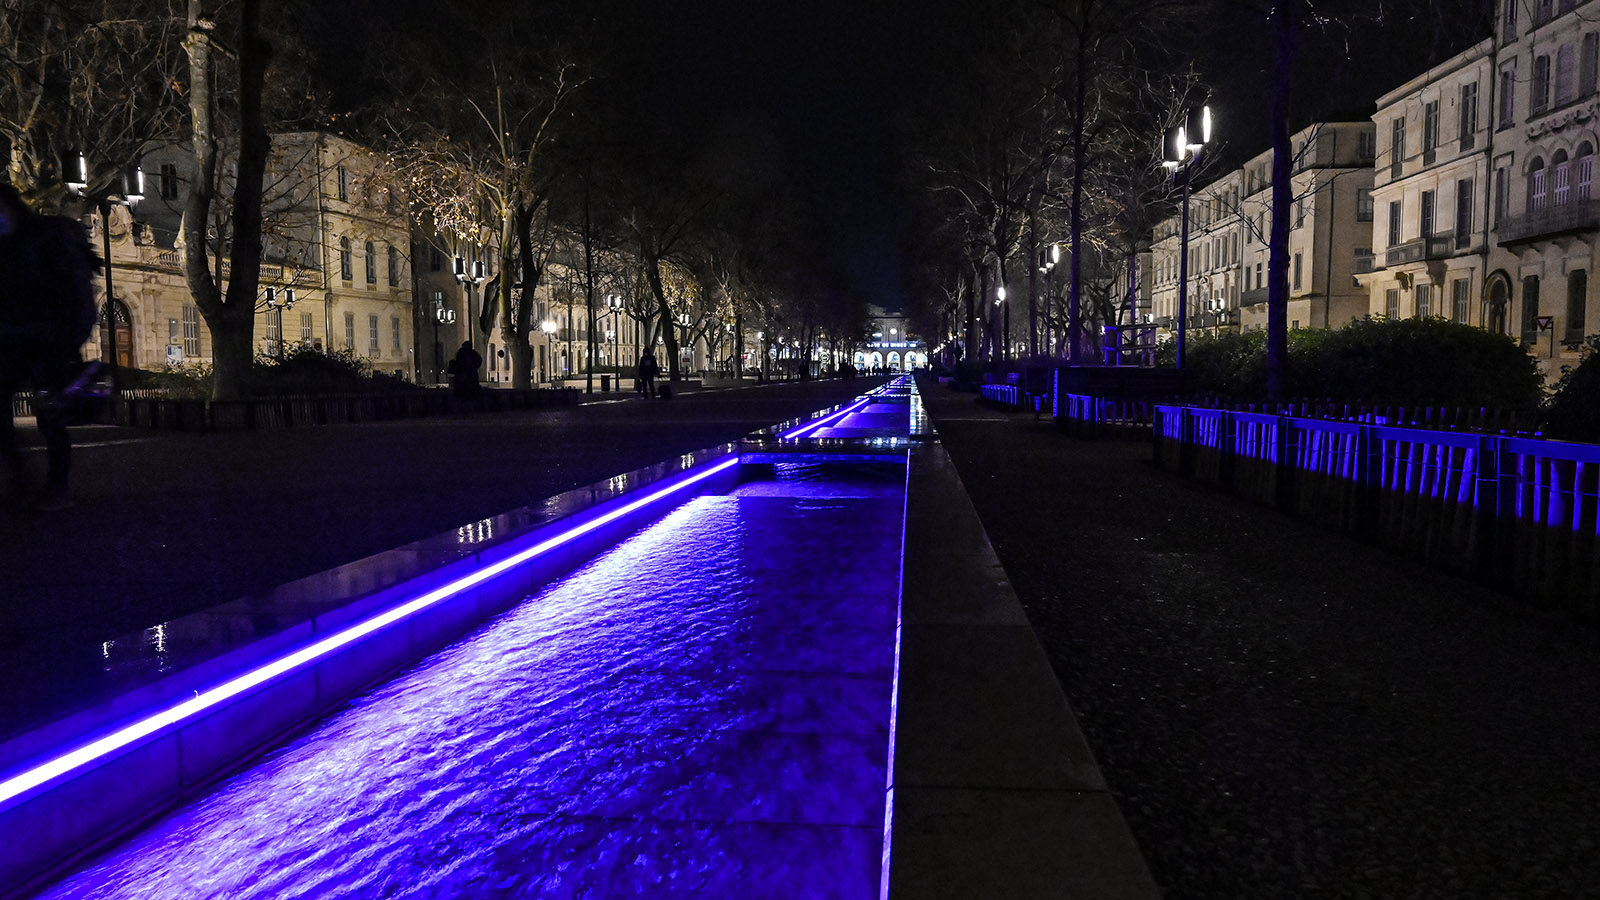 NÎmes: Die Esplanade zm Bahnhof wird abends vielfarbig beleuchtet. Foto: Hilke Maunder